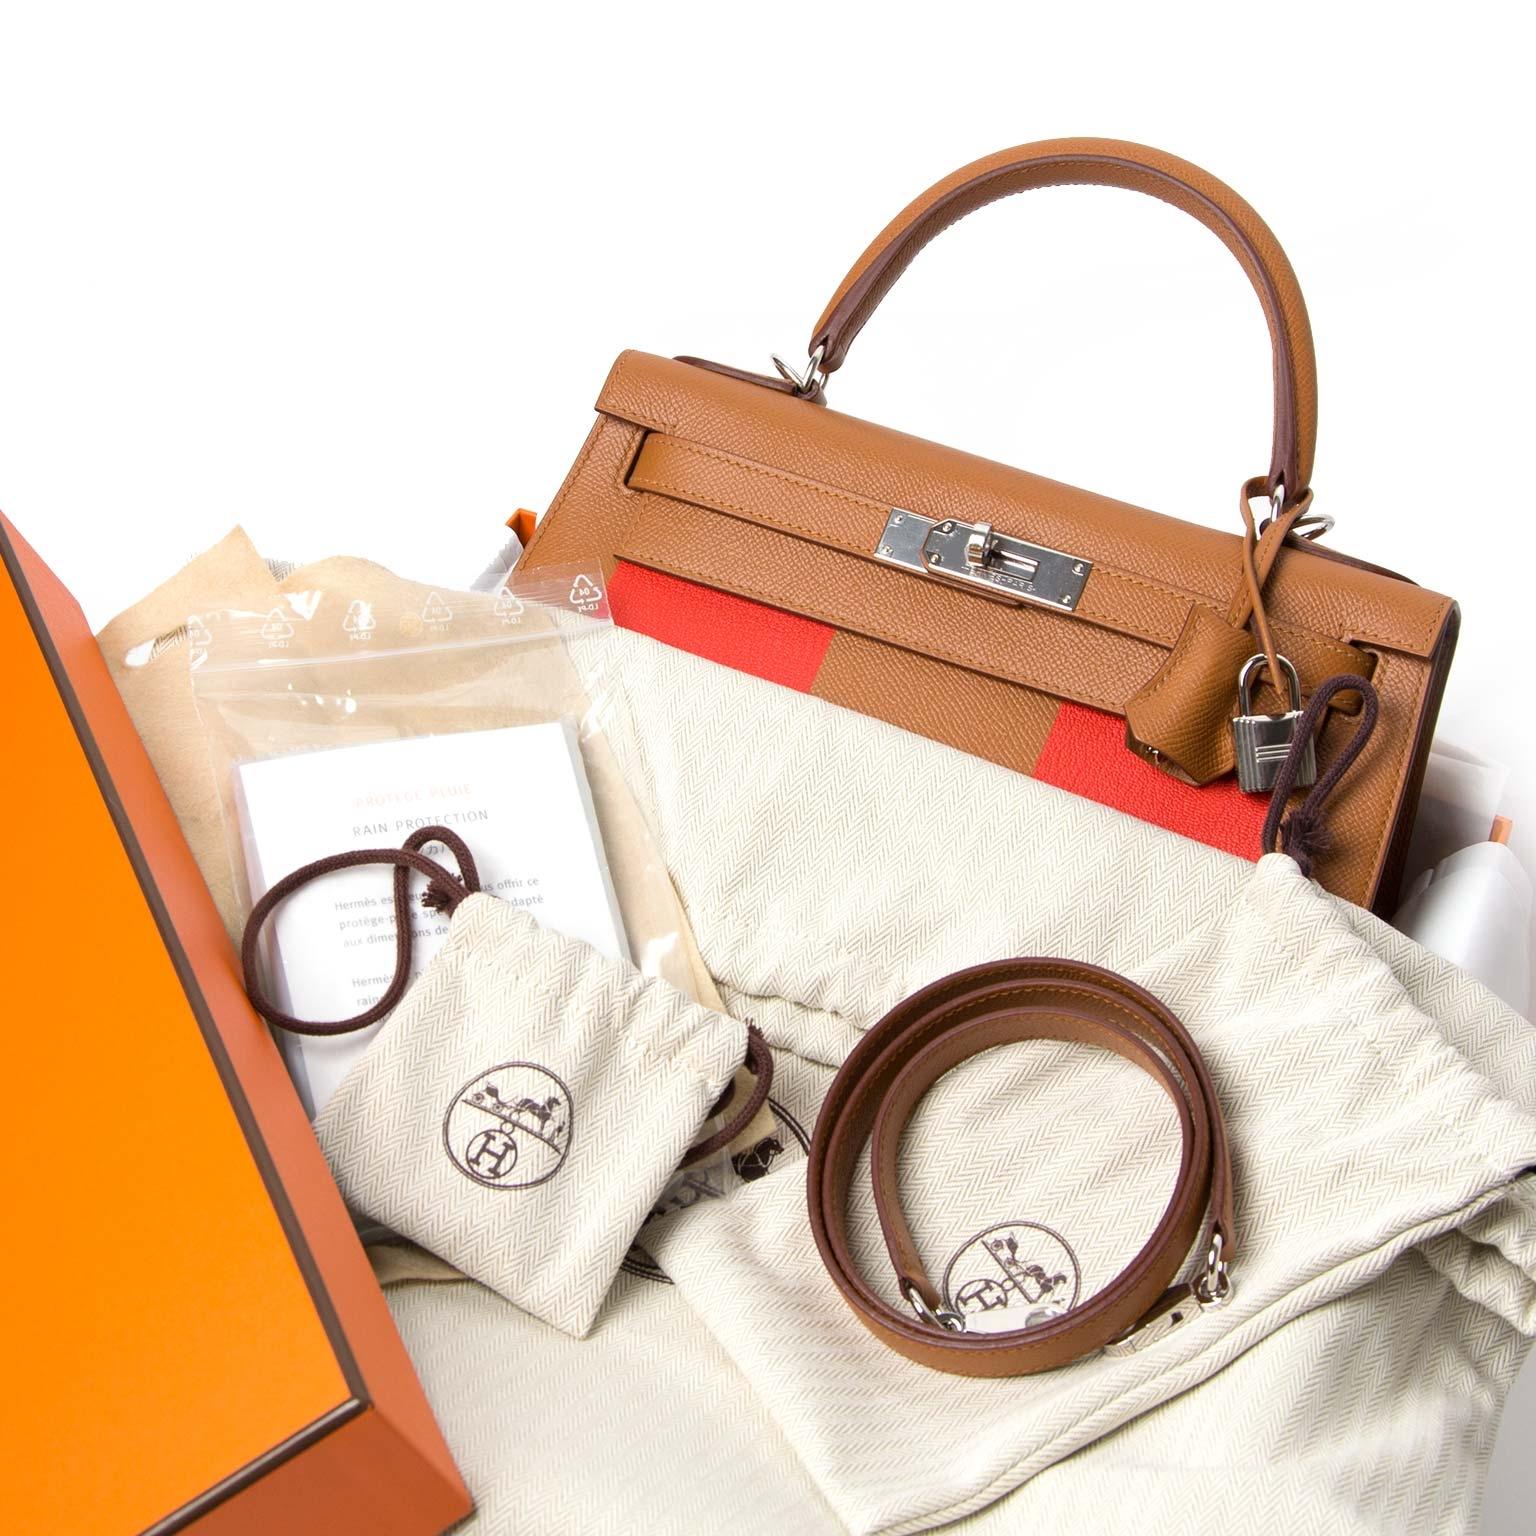 op zoek naar een Hermès Kelly Sellier 28 Lettre H Epsom/Mysore/Sombrero PHW Gold/Capucine/Rouge H ? Koop hem nu bij labellov.com